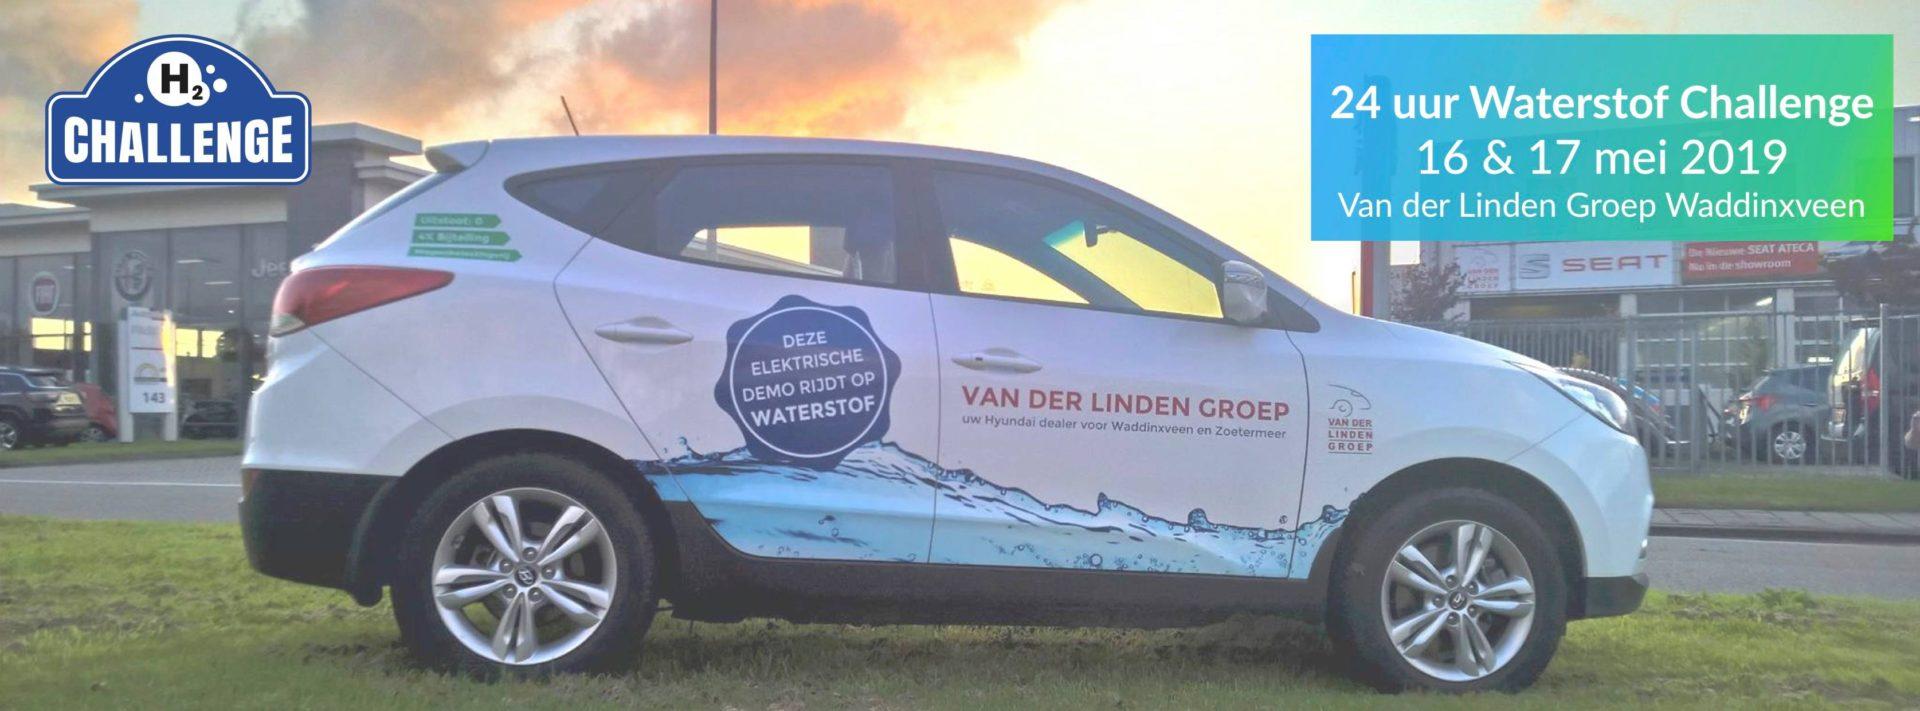 Team Elcogen in 24-hour Hydrogen Challenge 2019 - Elcogen